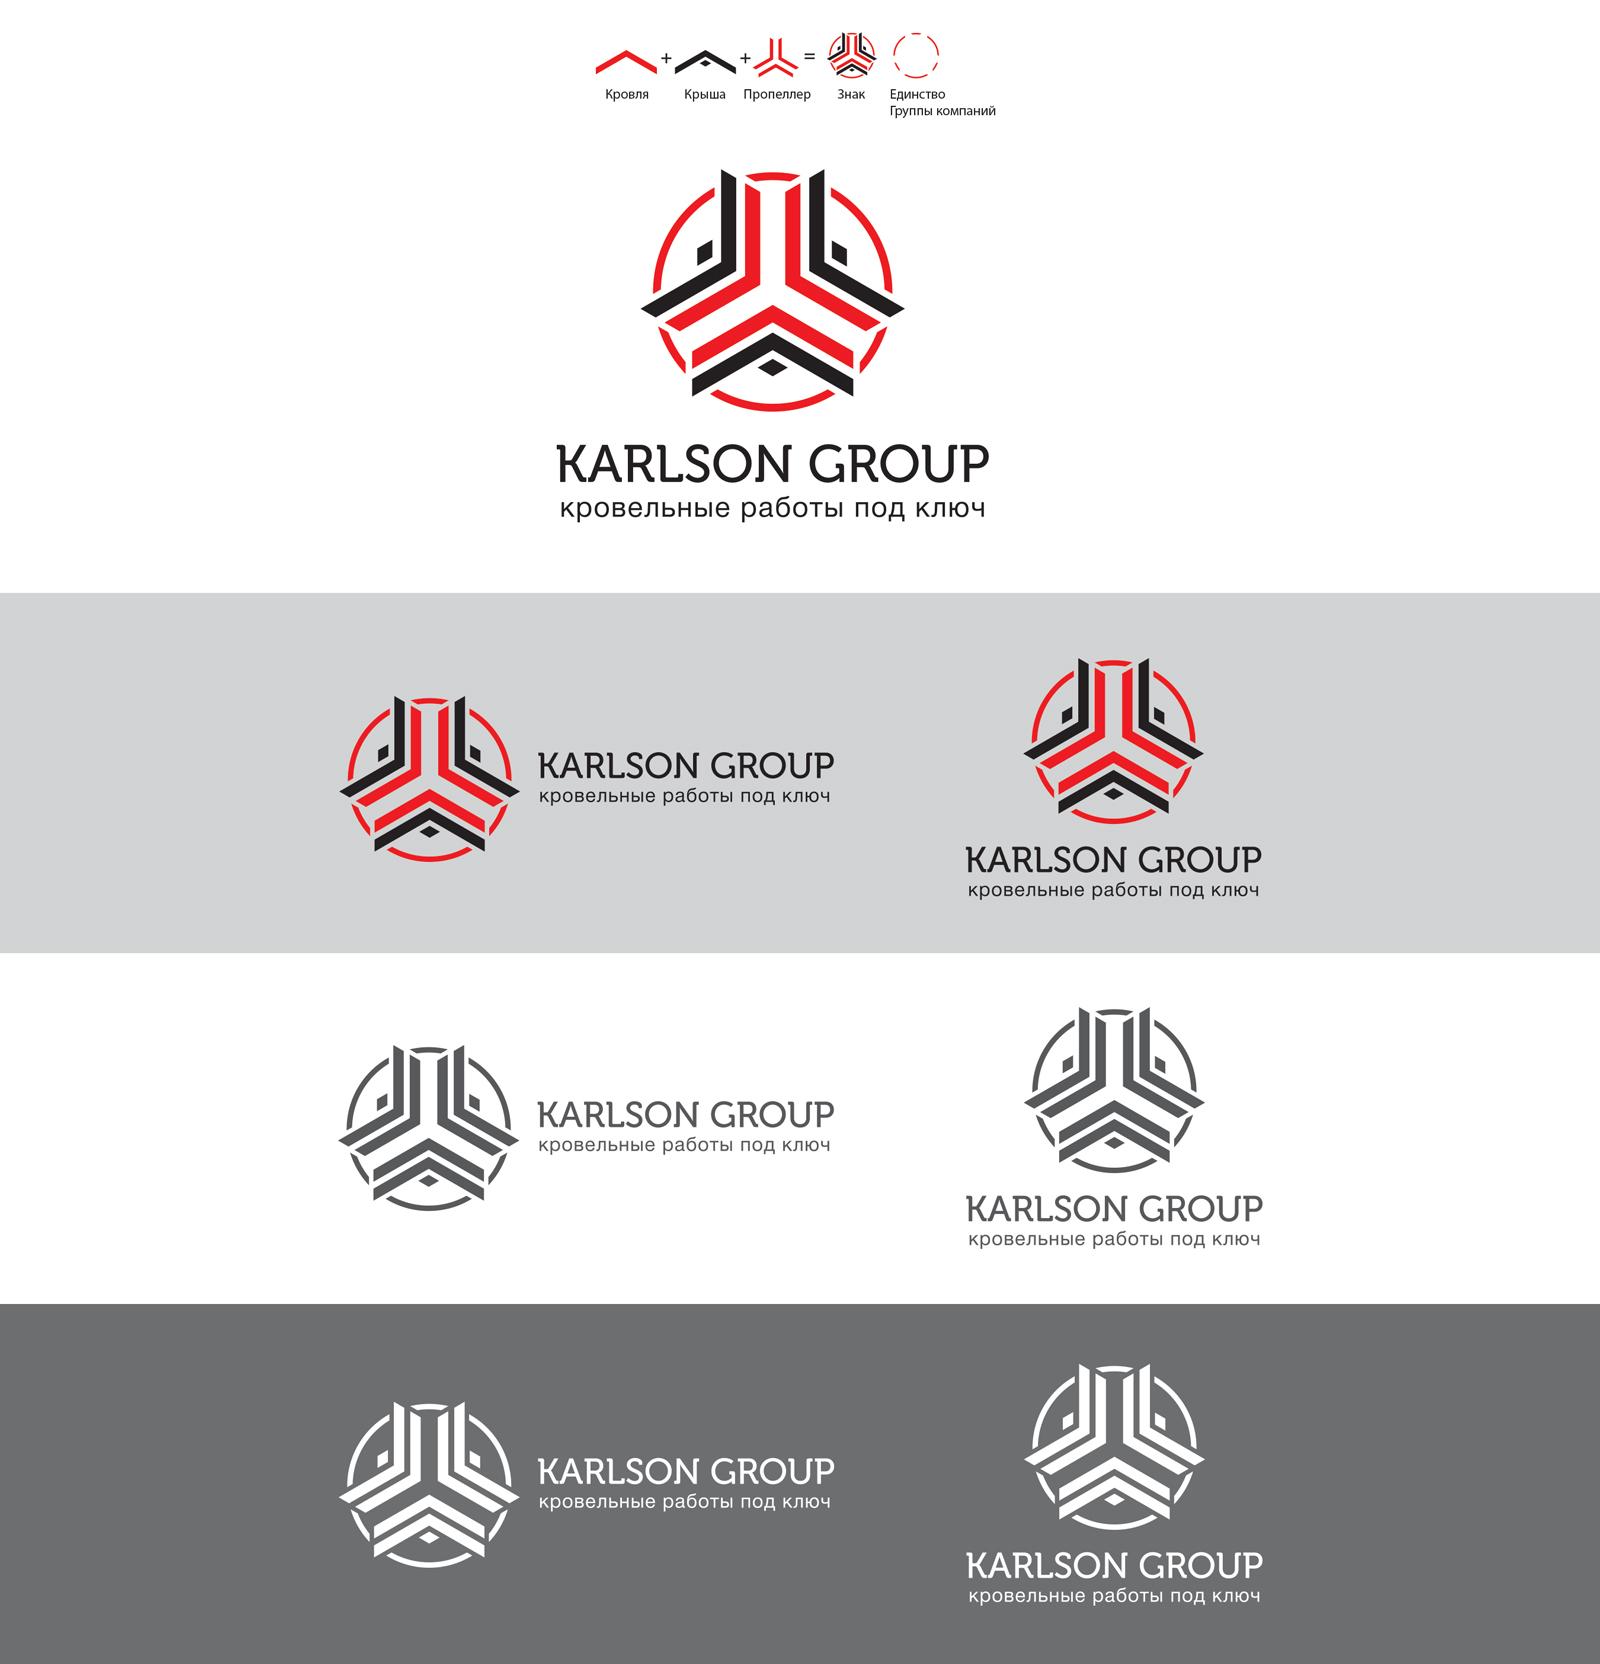 Придумать классный логотип фото f_04859907c9e4f647.jpg